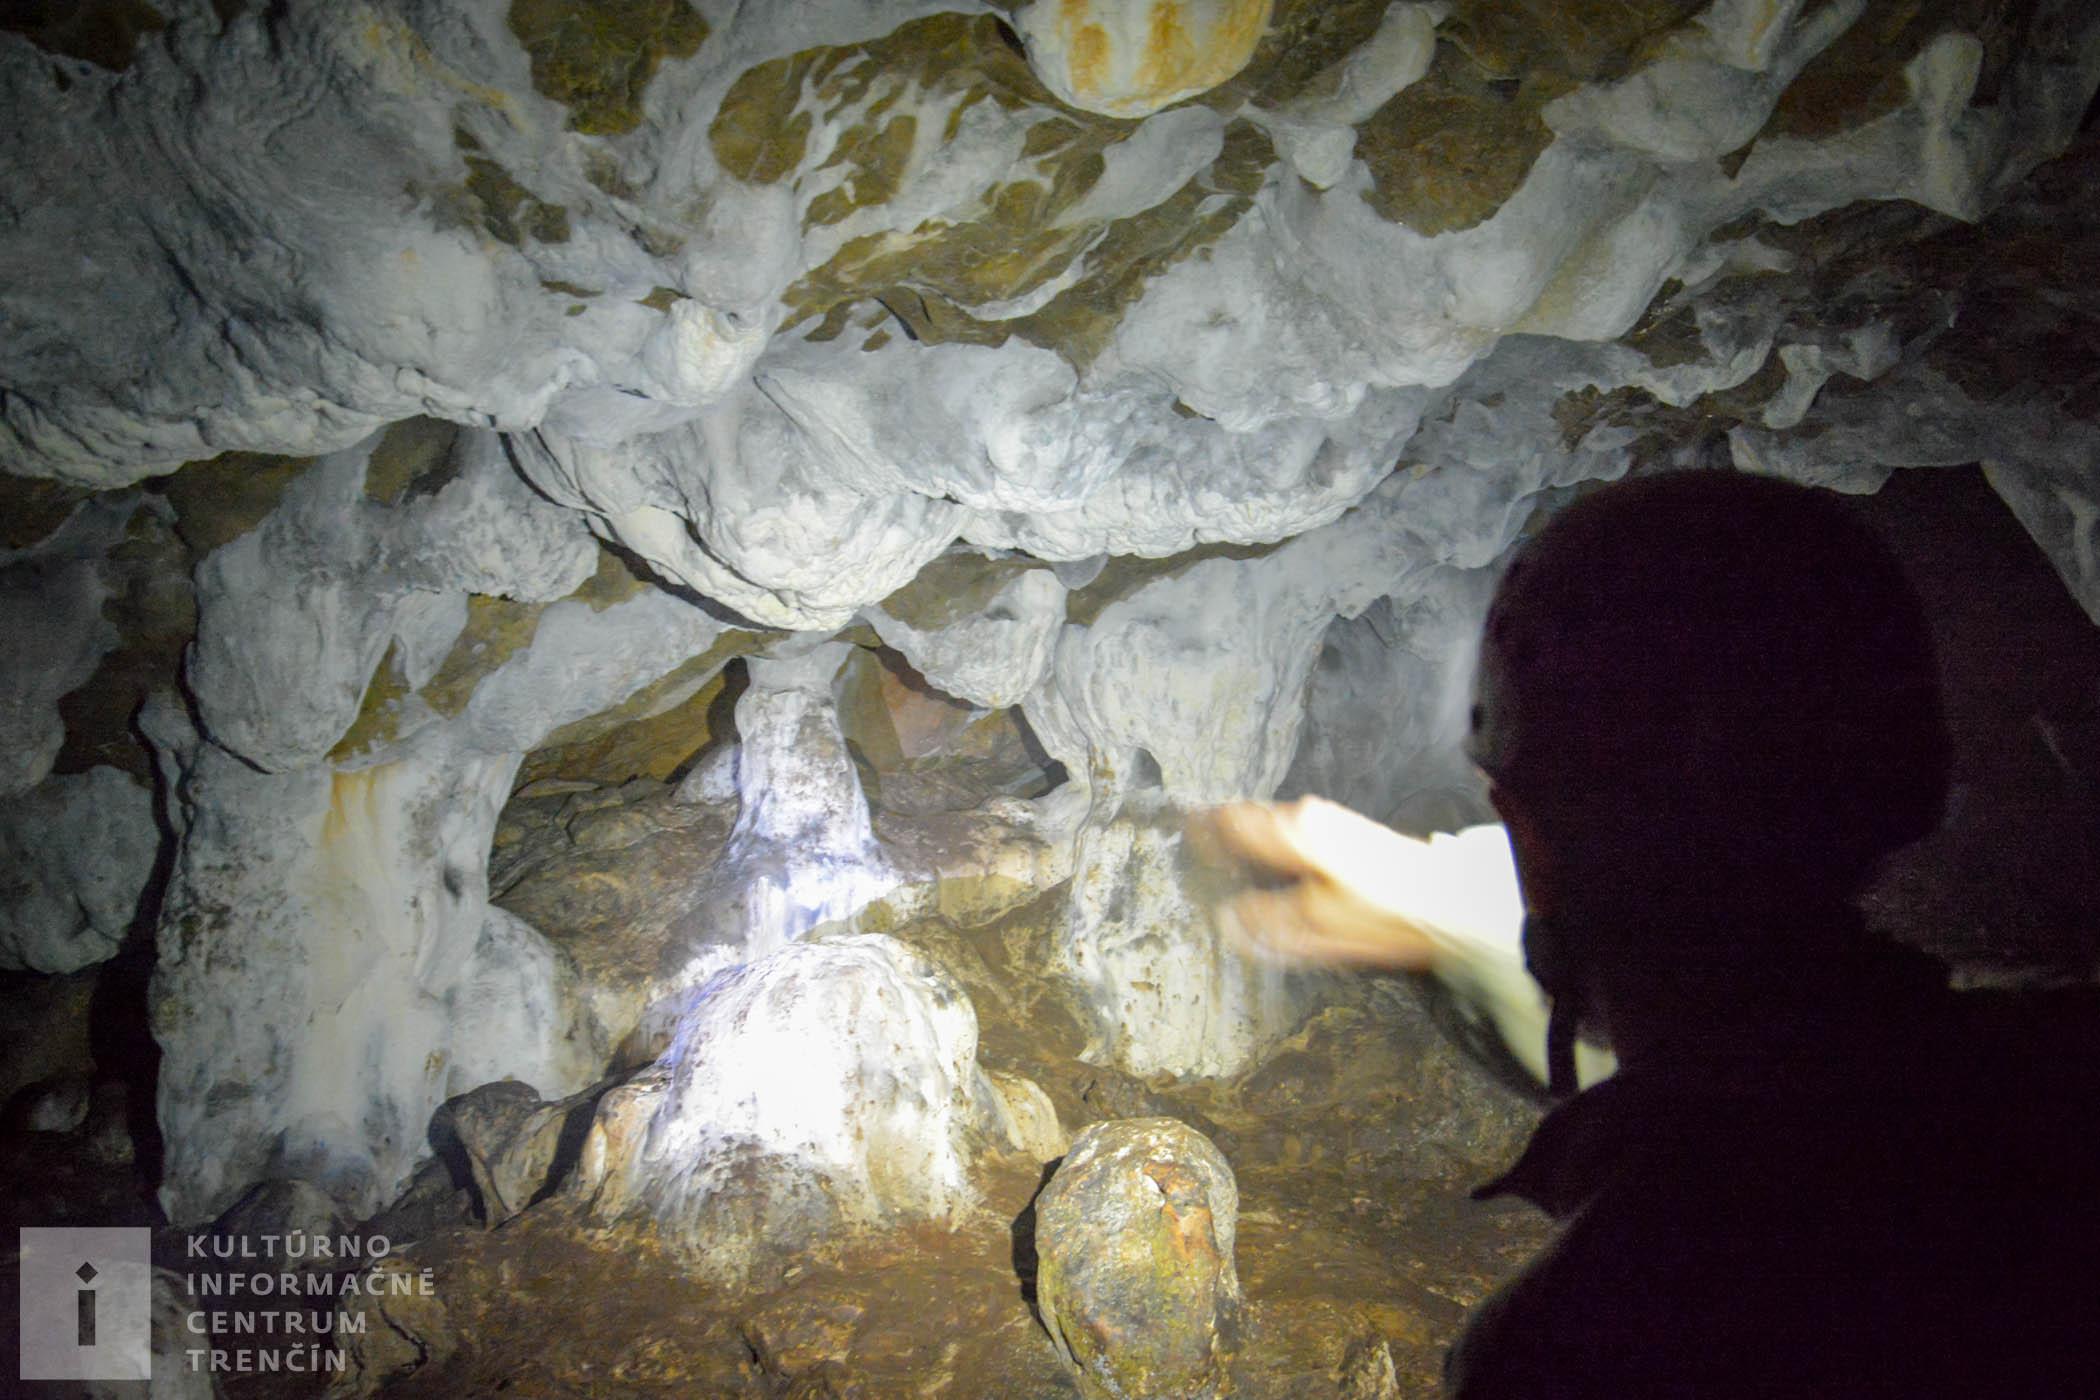 Výzdoba z mäkkého sintra (jaskynného tvarohu), ktorý lieči choroby dýchacích ciest.